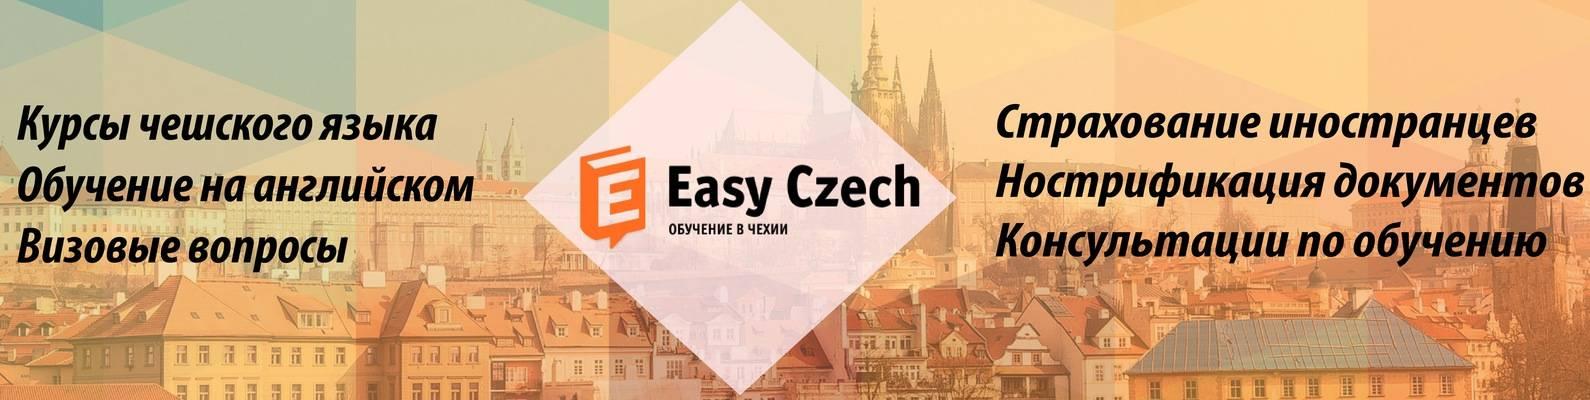 Изучение английского и чешского языка на годовых курсах в праге